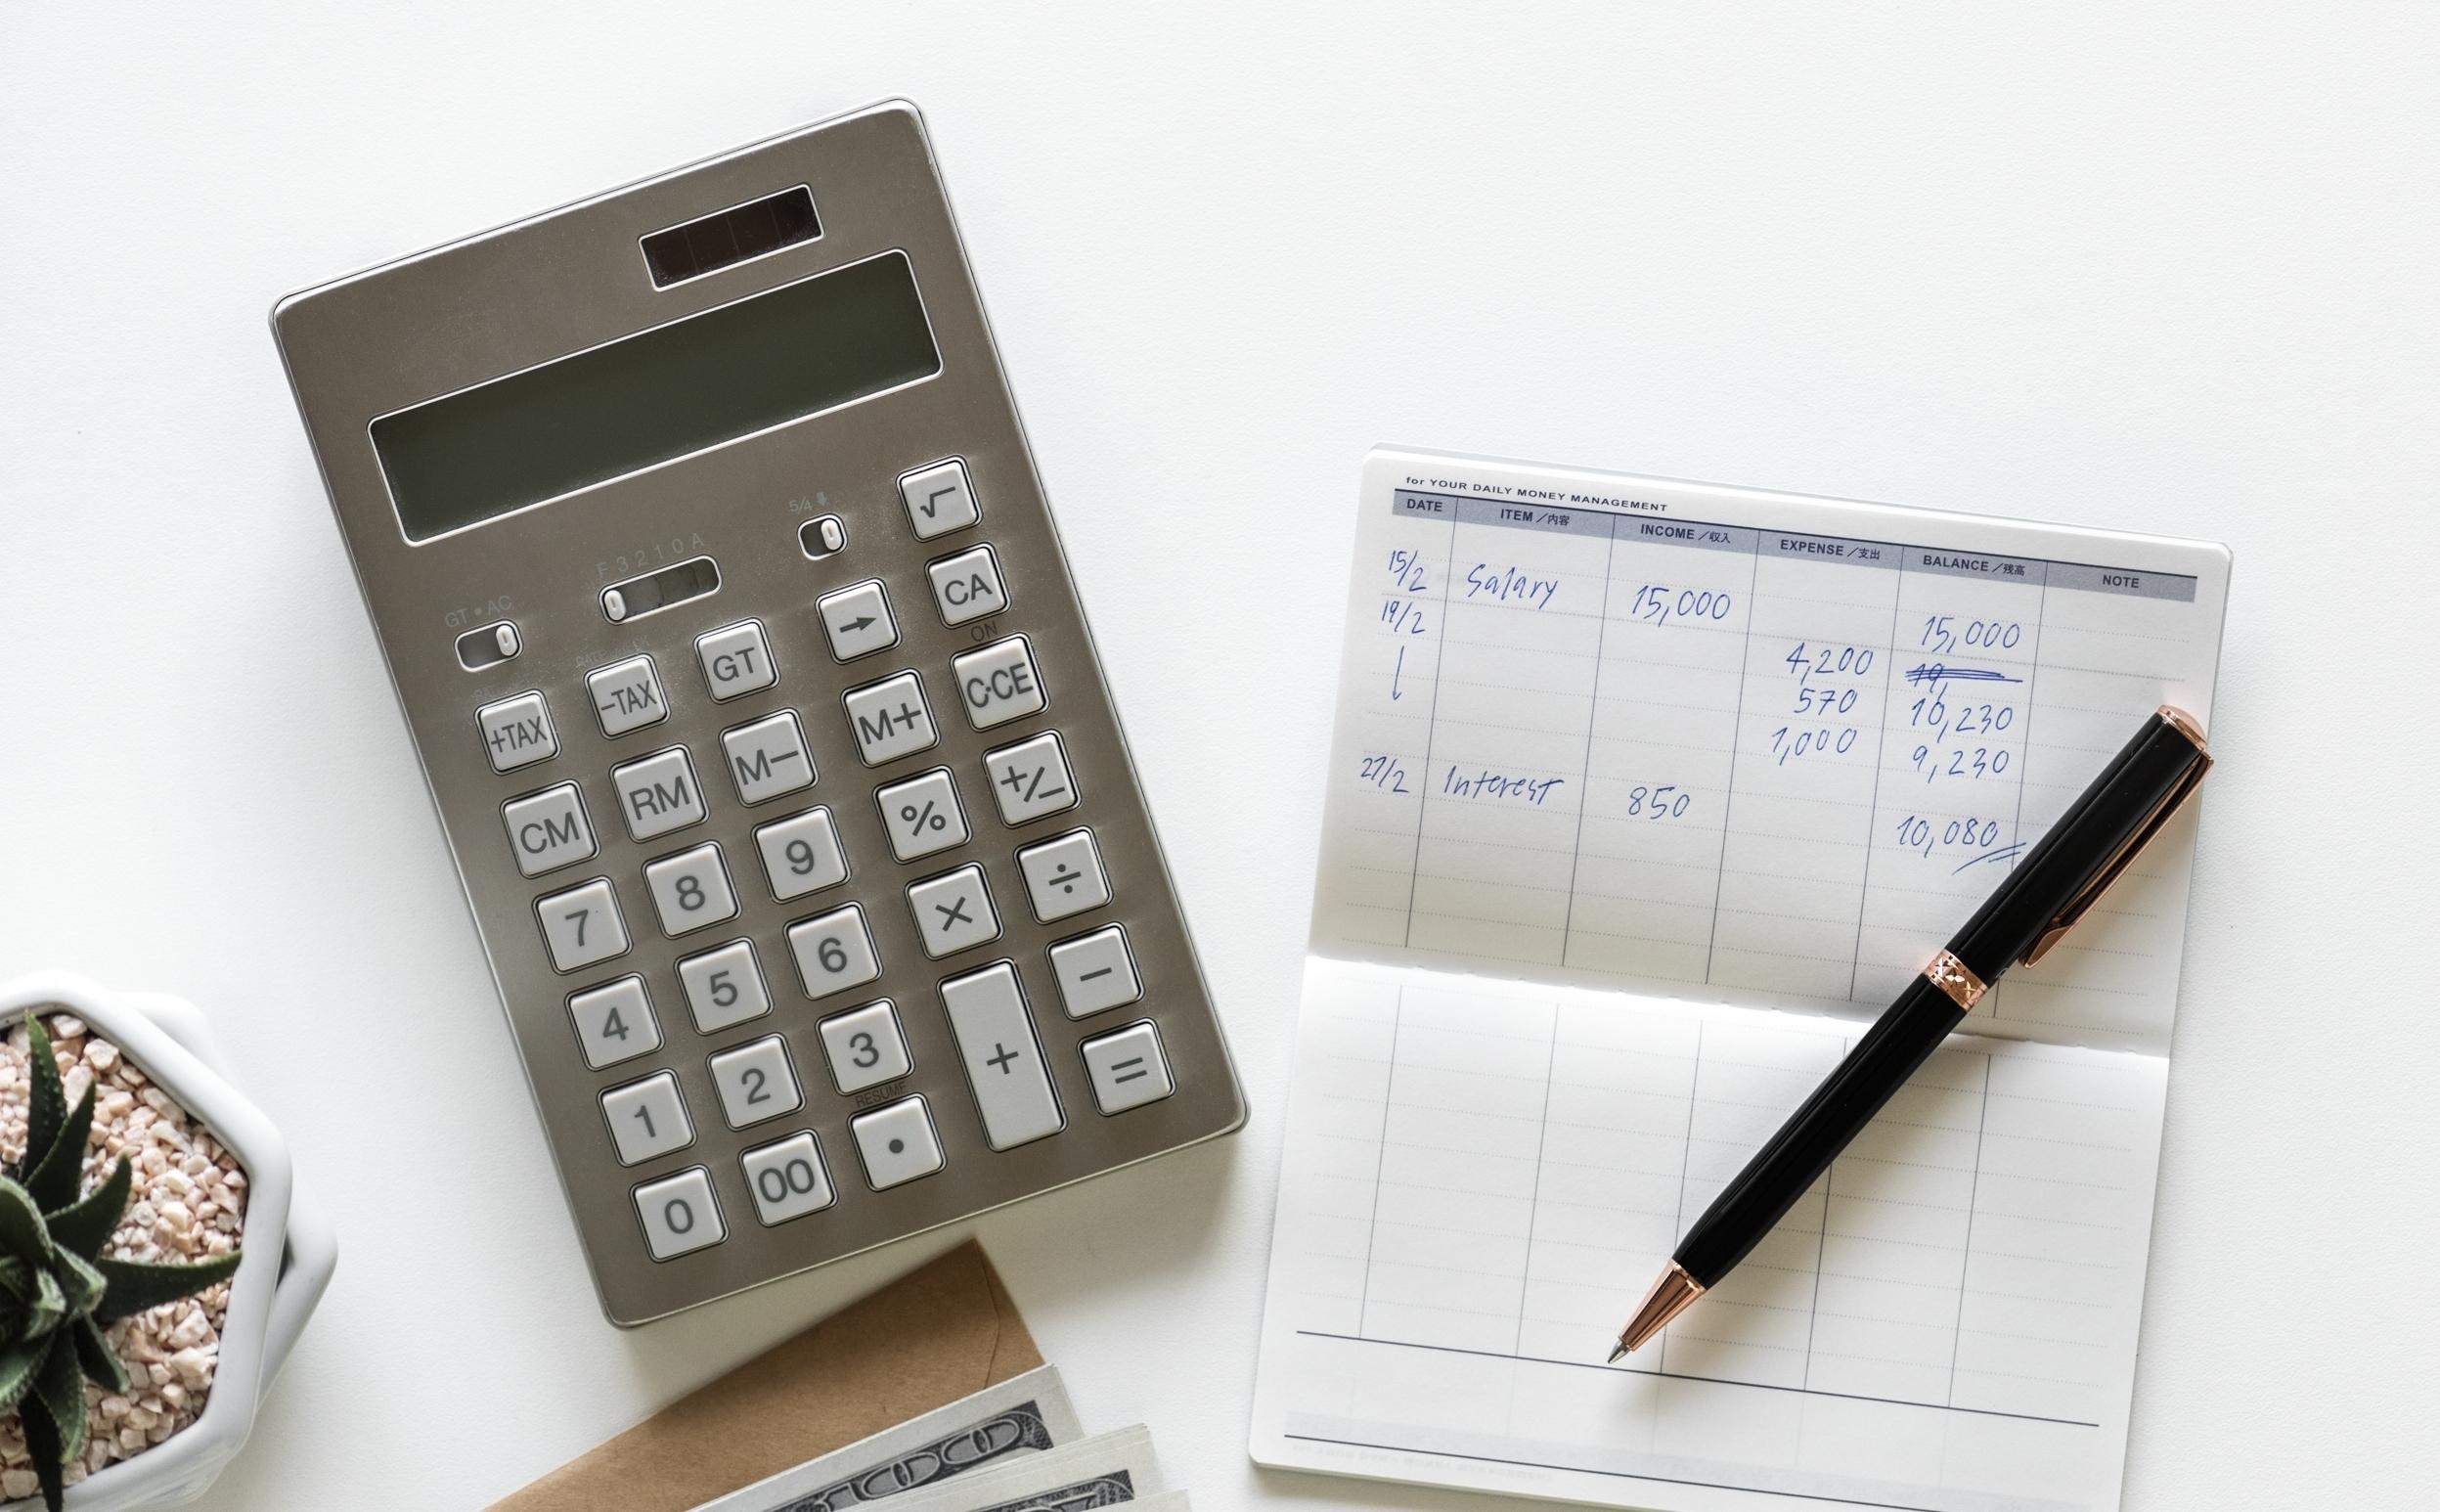 Arbitration cost calculator -